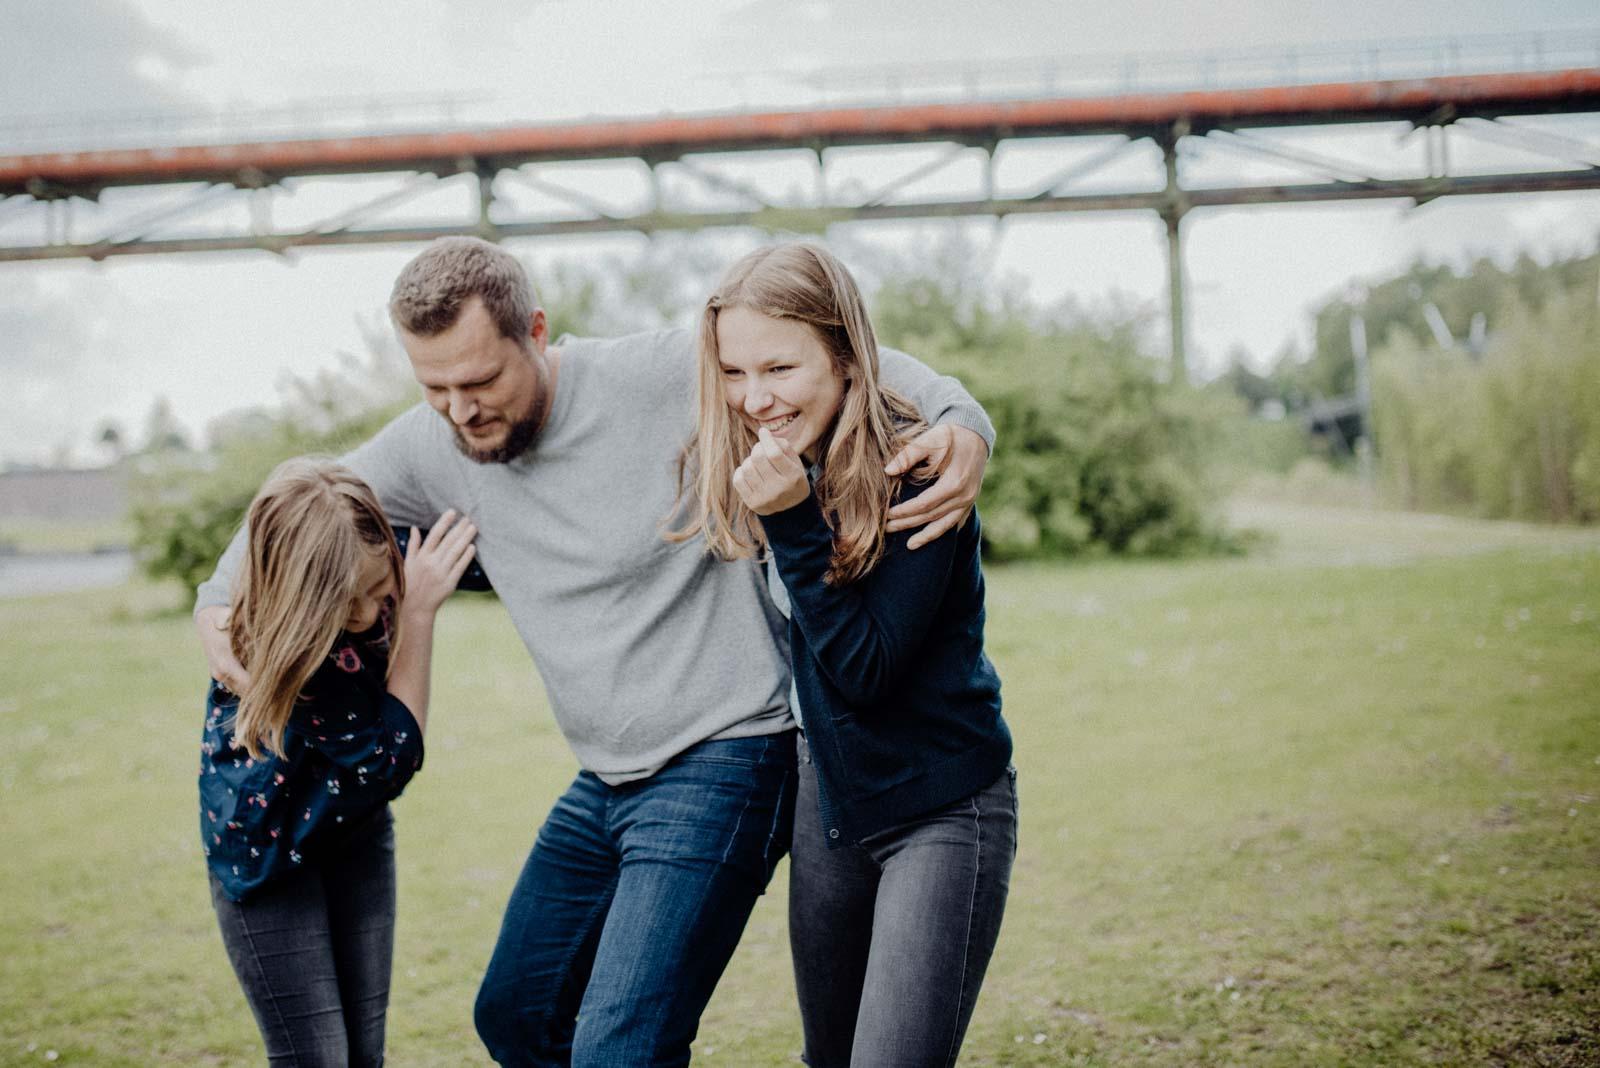 031-ungestellte-familienfotos-familienshooting-bochum-industrie-jahrhunderthalle